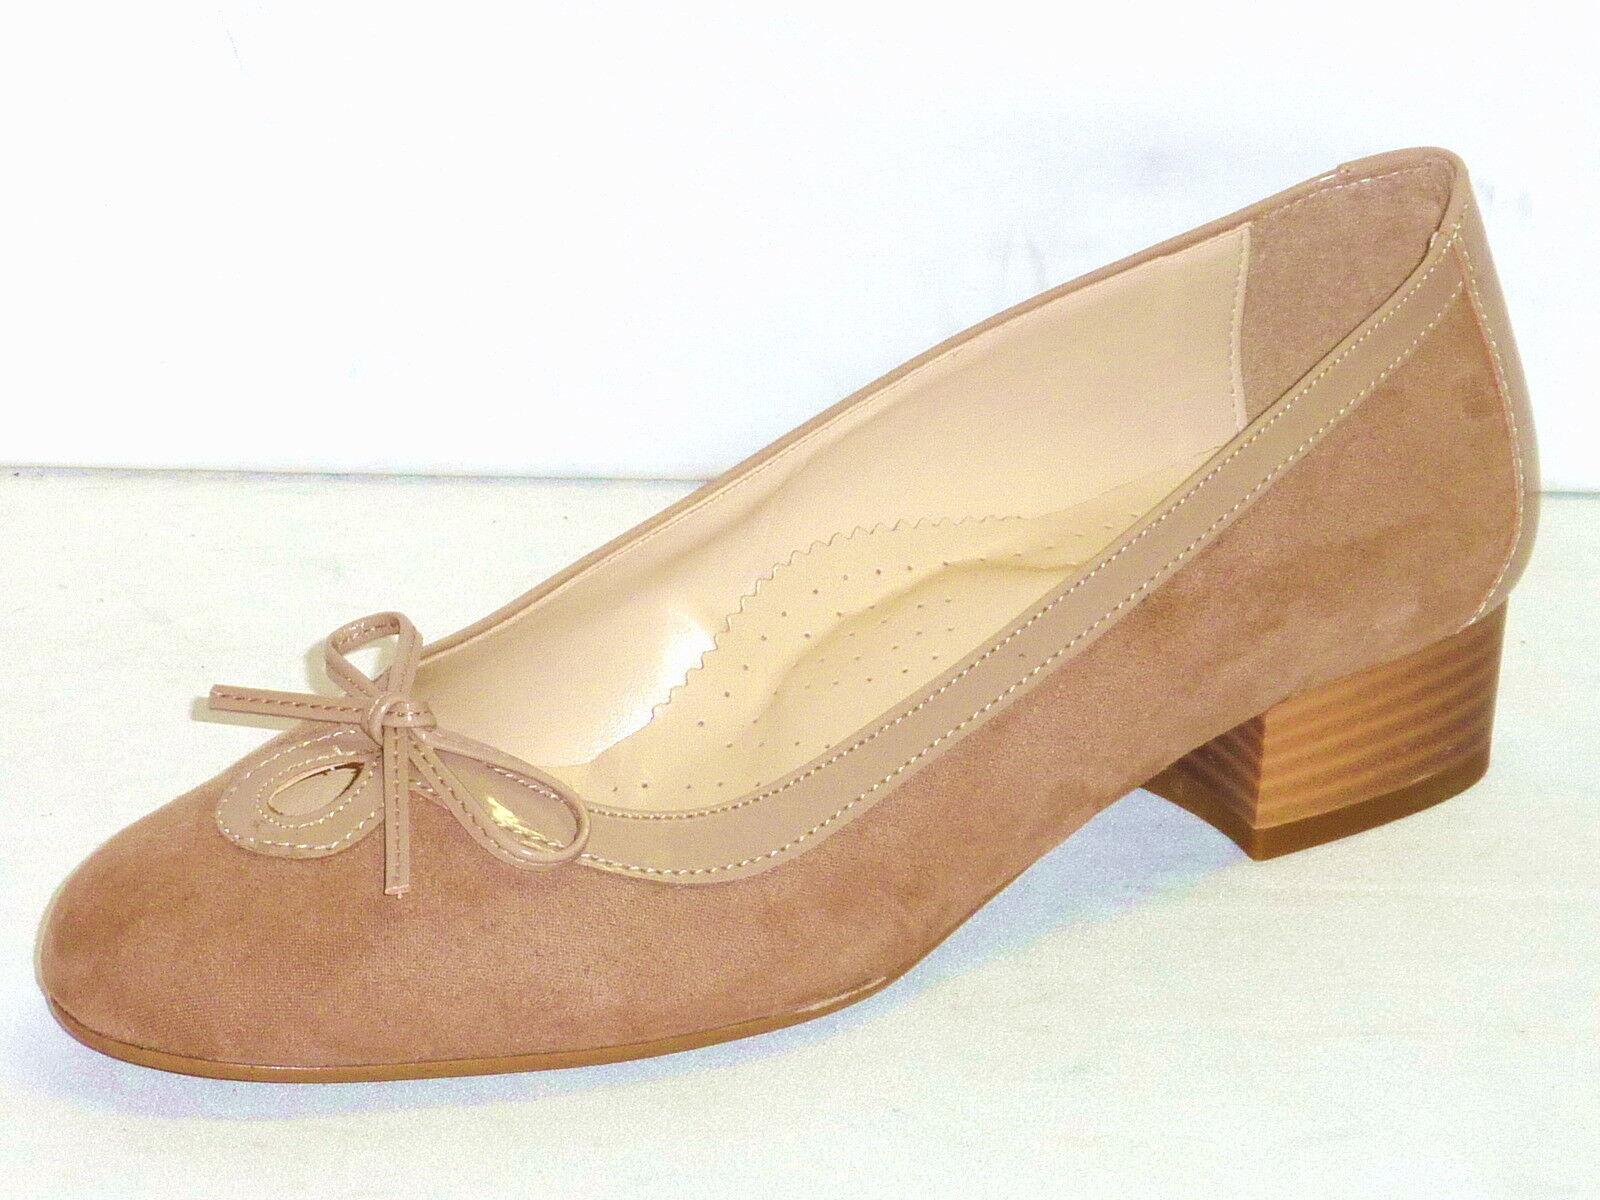 Zapatos casuales salvajes Descuento por tiempo limitado SCARPE DONNA DECOLLETE' TACCO BASSO CON FIOCCO PLANTARE ANATOMICO BEIGE  n. 37